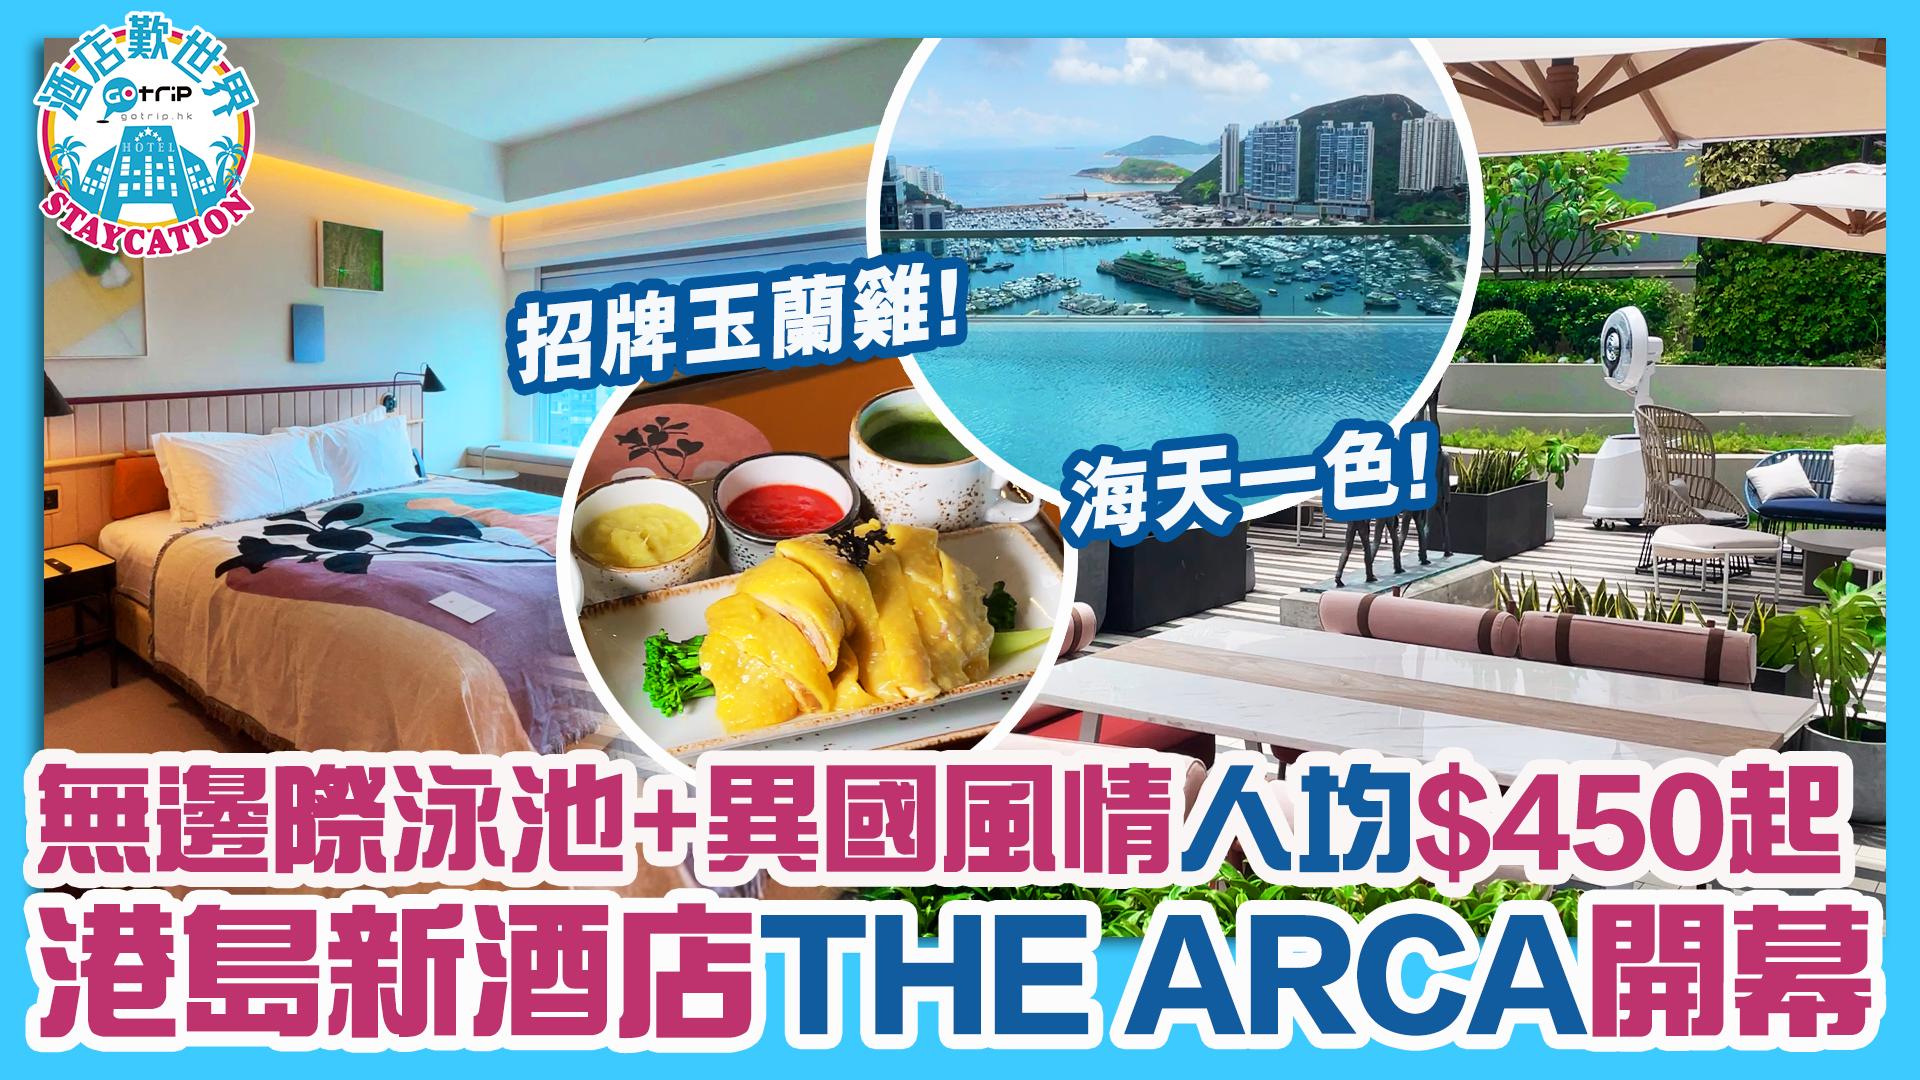 香港新酒店 雅格酒店the Arca開幕!無邊際泳池+異國情調 開業優惠人均$450